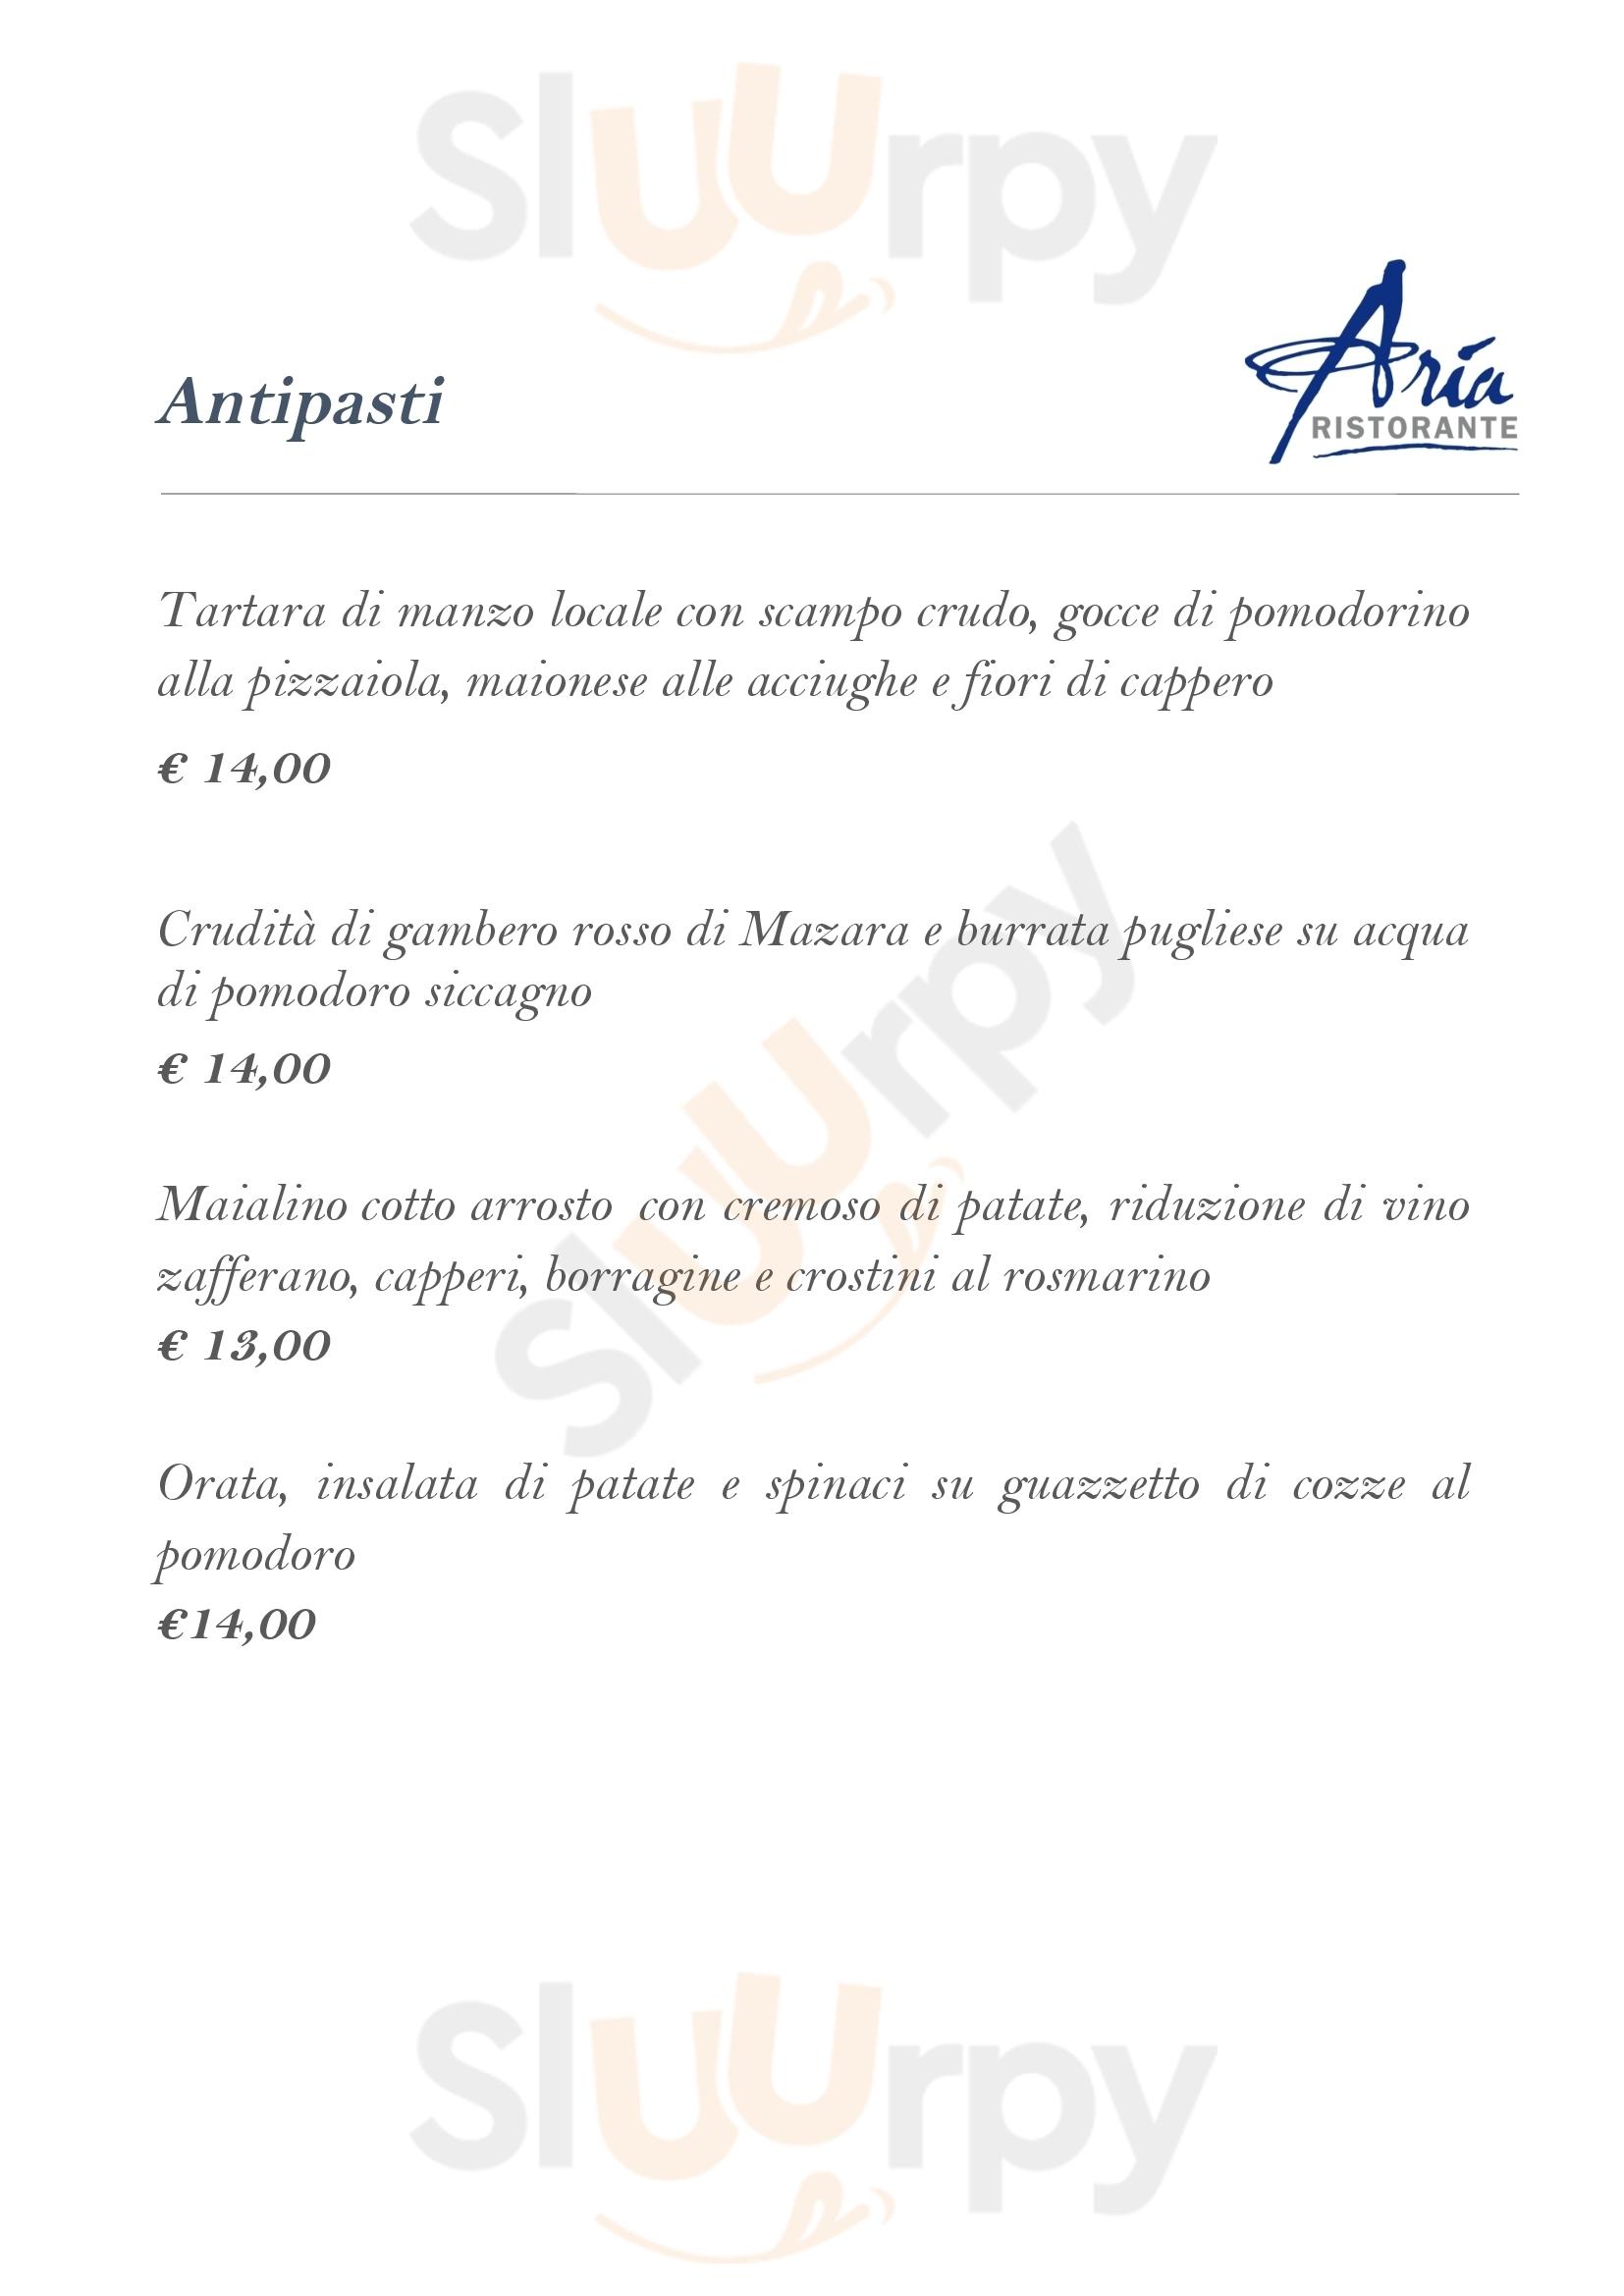 Aria Ristorante Caltanissetta menù 1 pagina